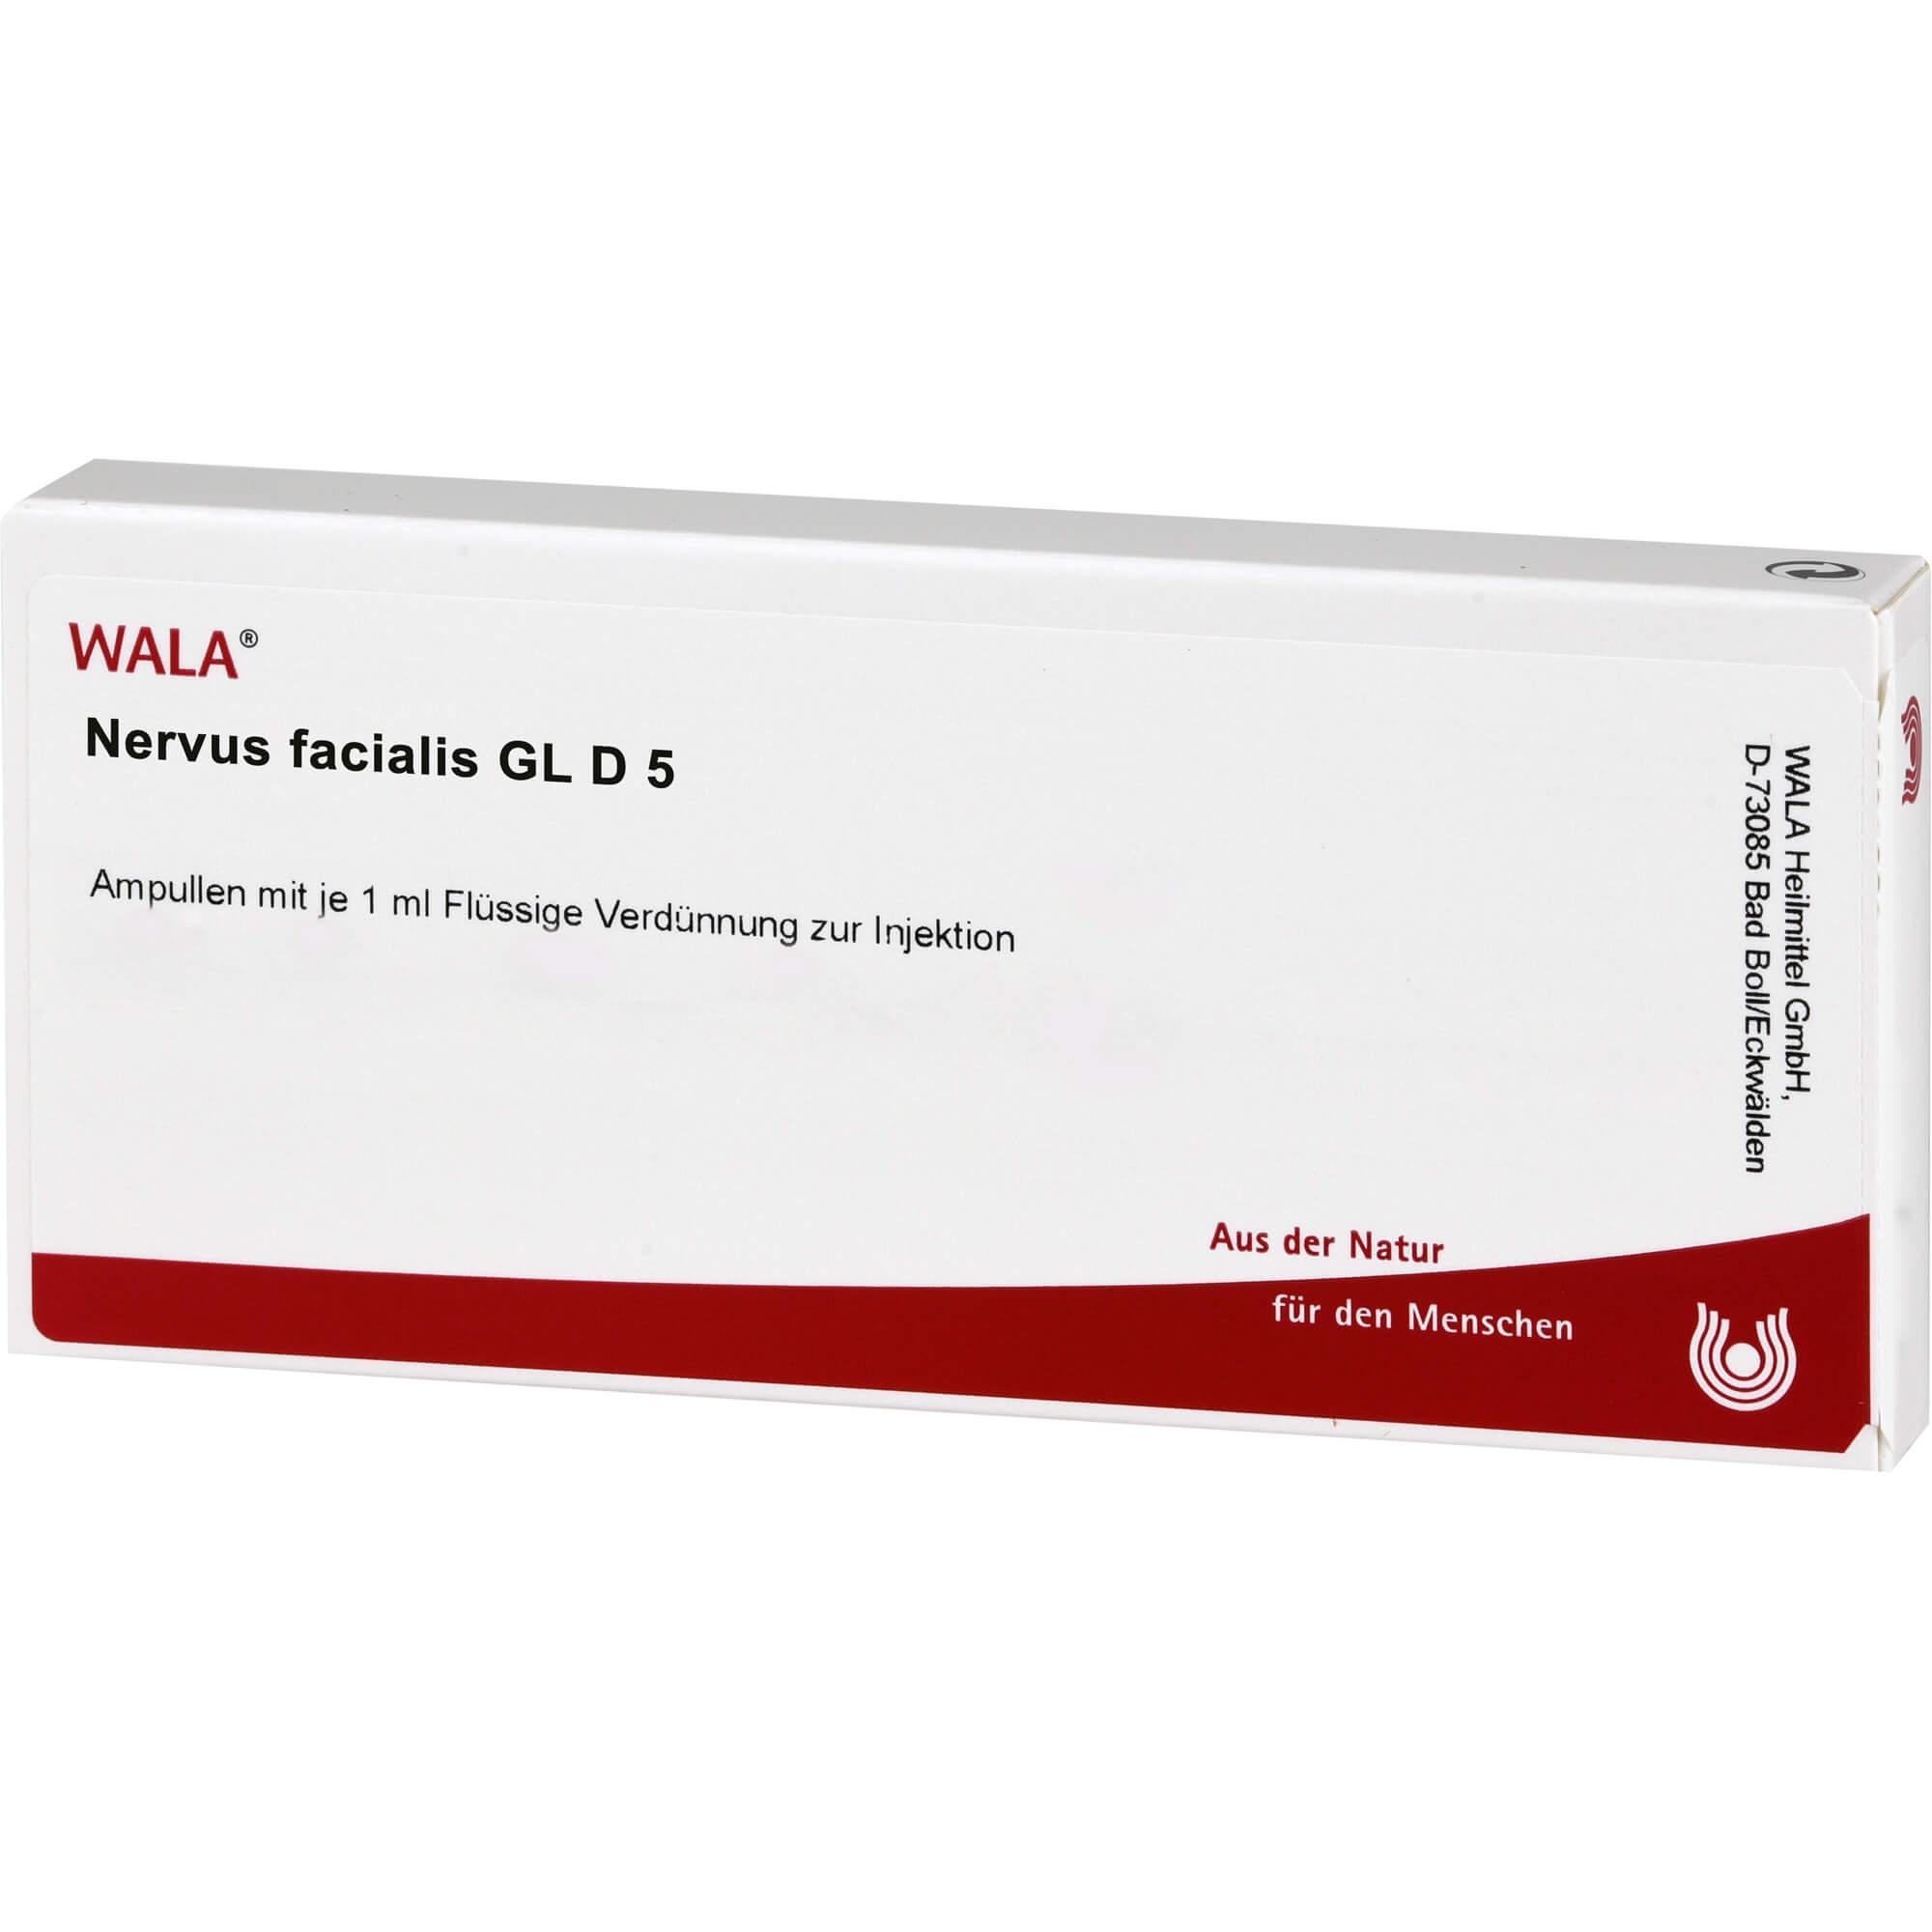 NERVUS FACIALIS GL D 5 Ampullen